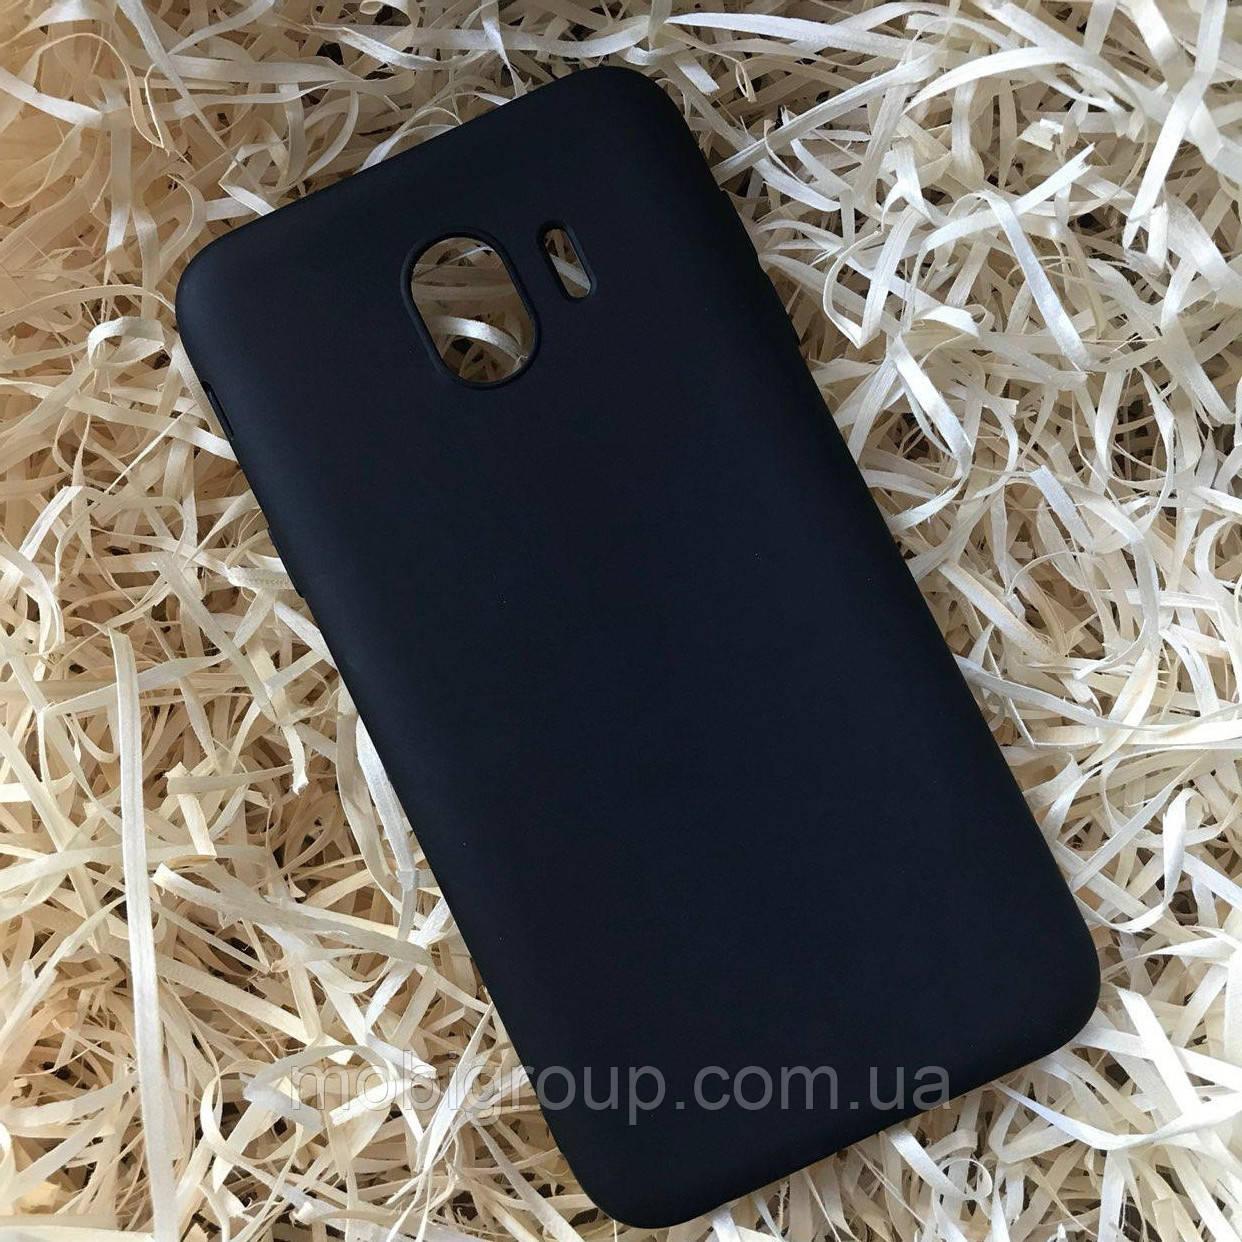 Чехол силиконовый Soft touch для Samsung J4, Black